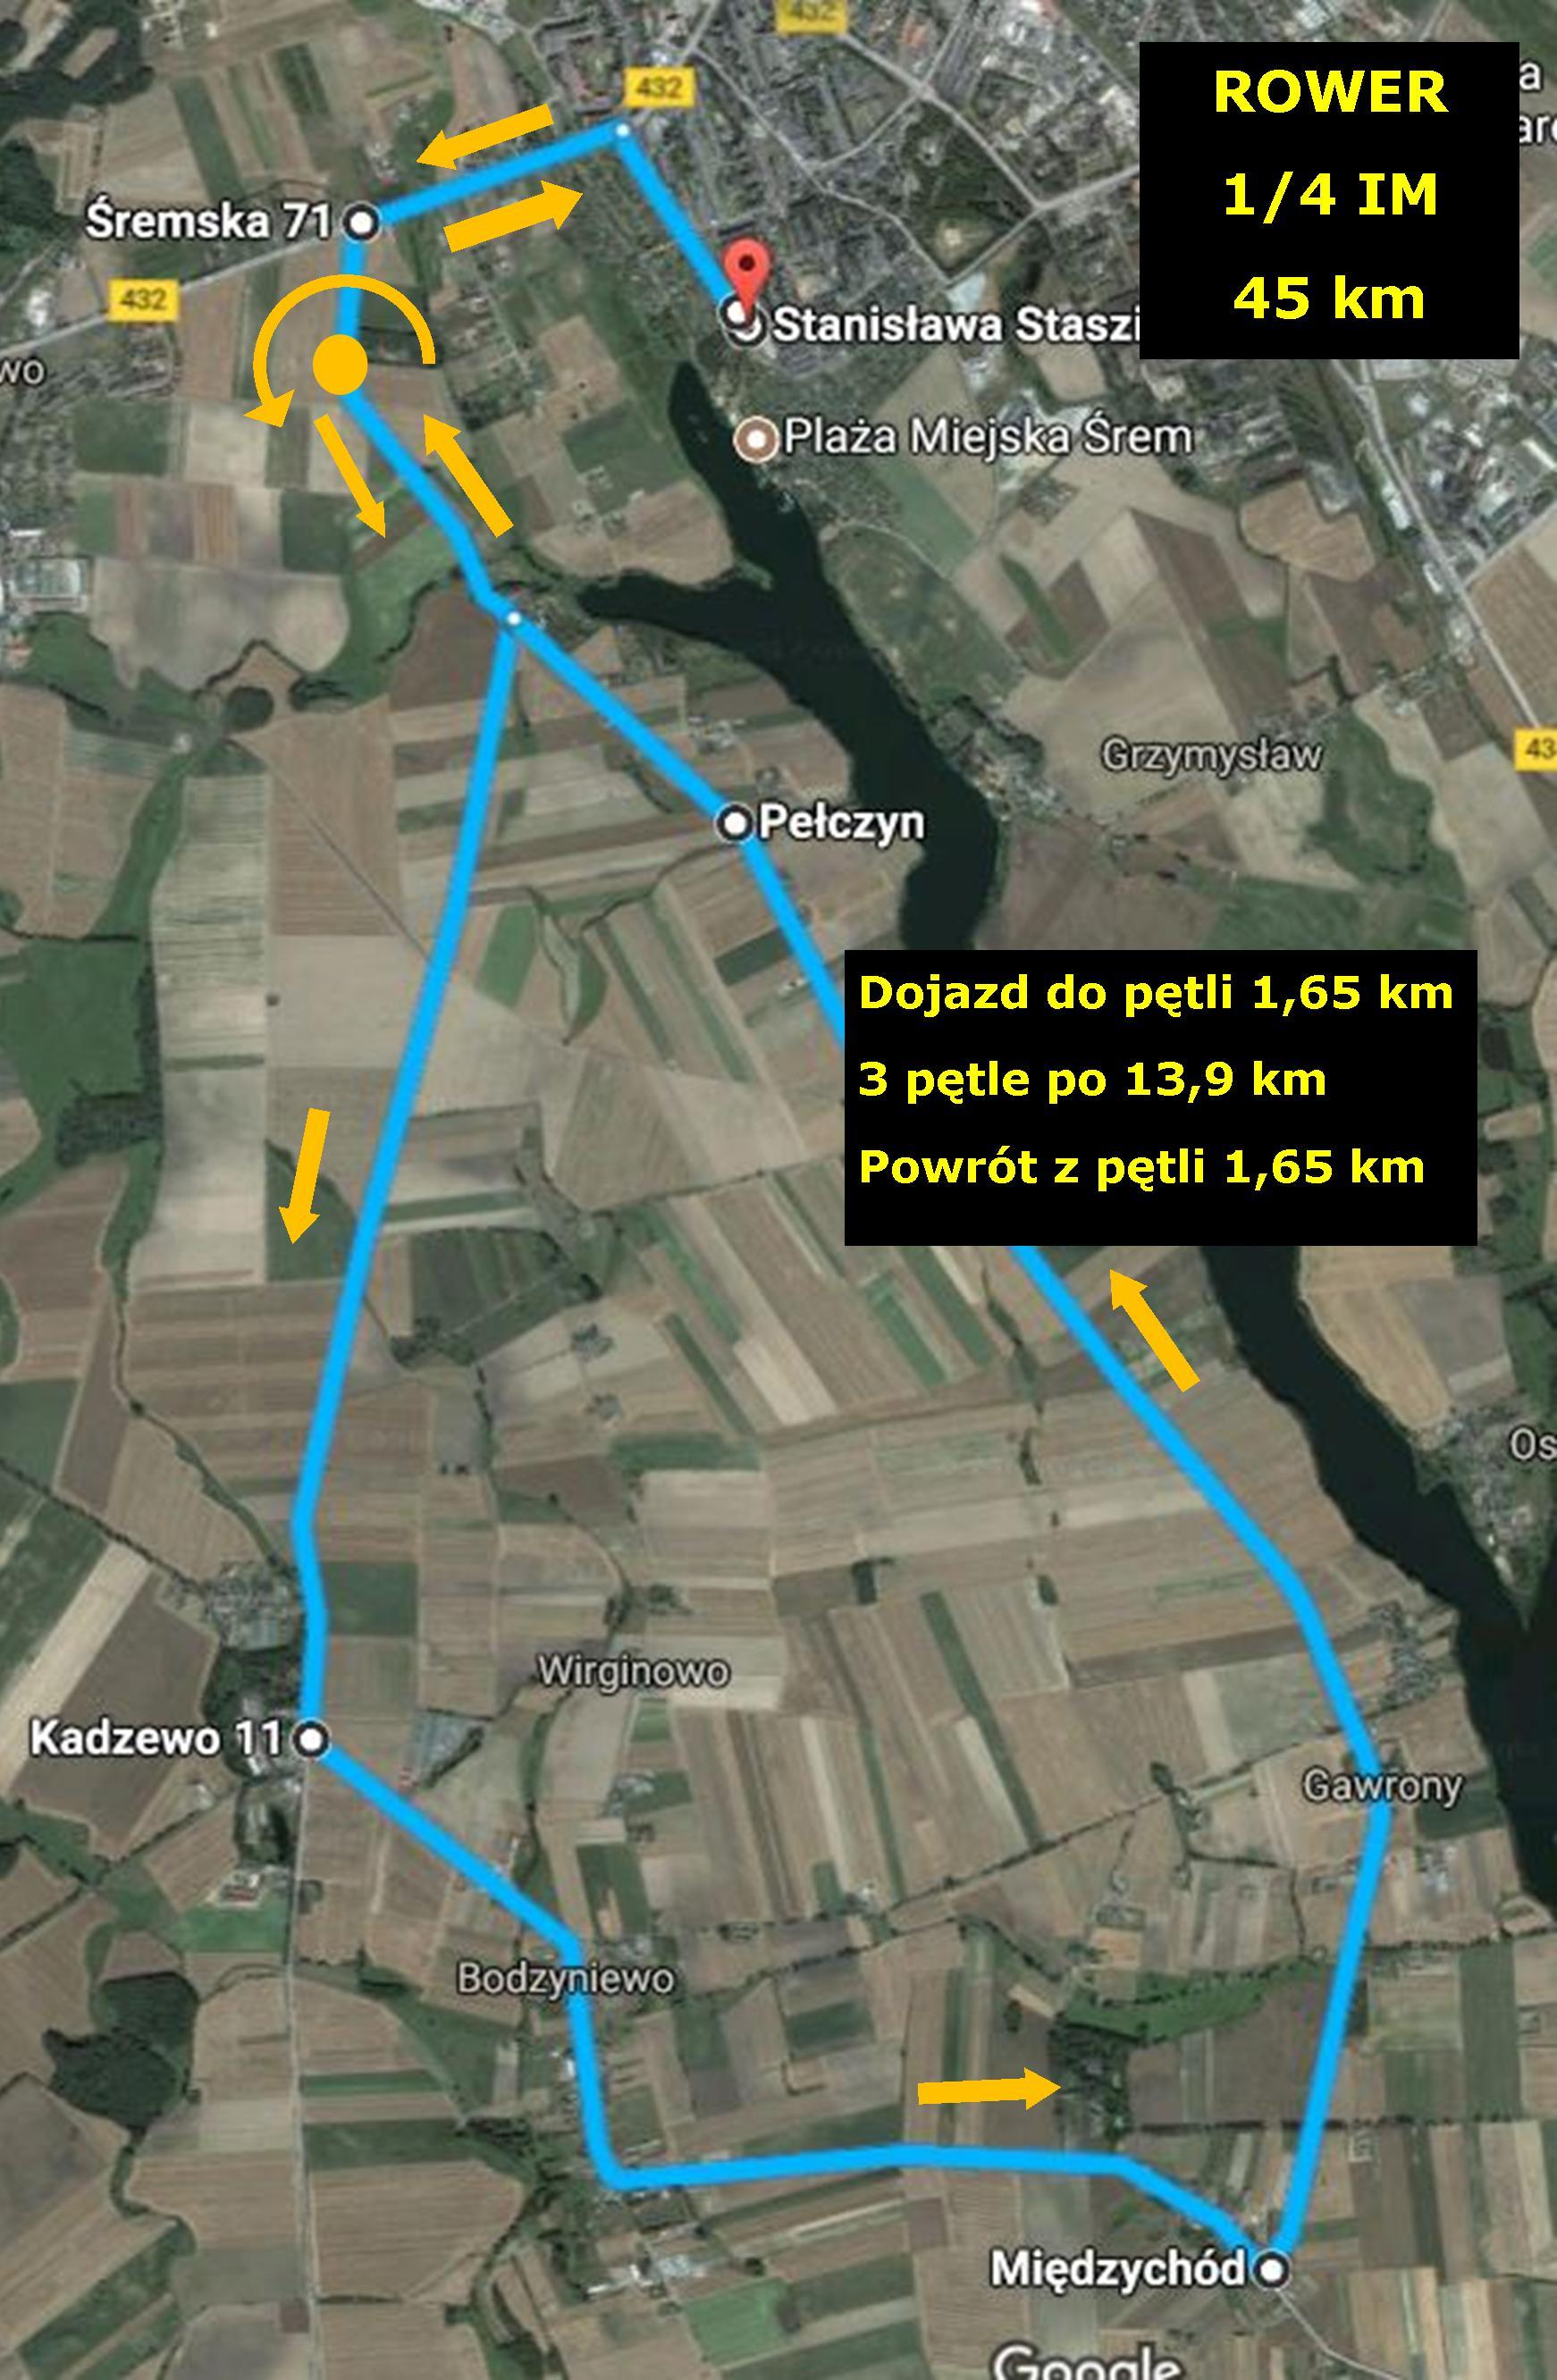 Rower 14IM